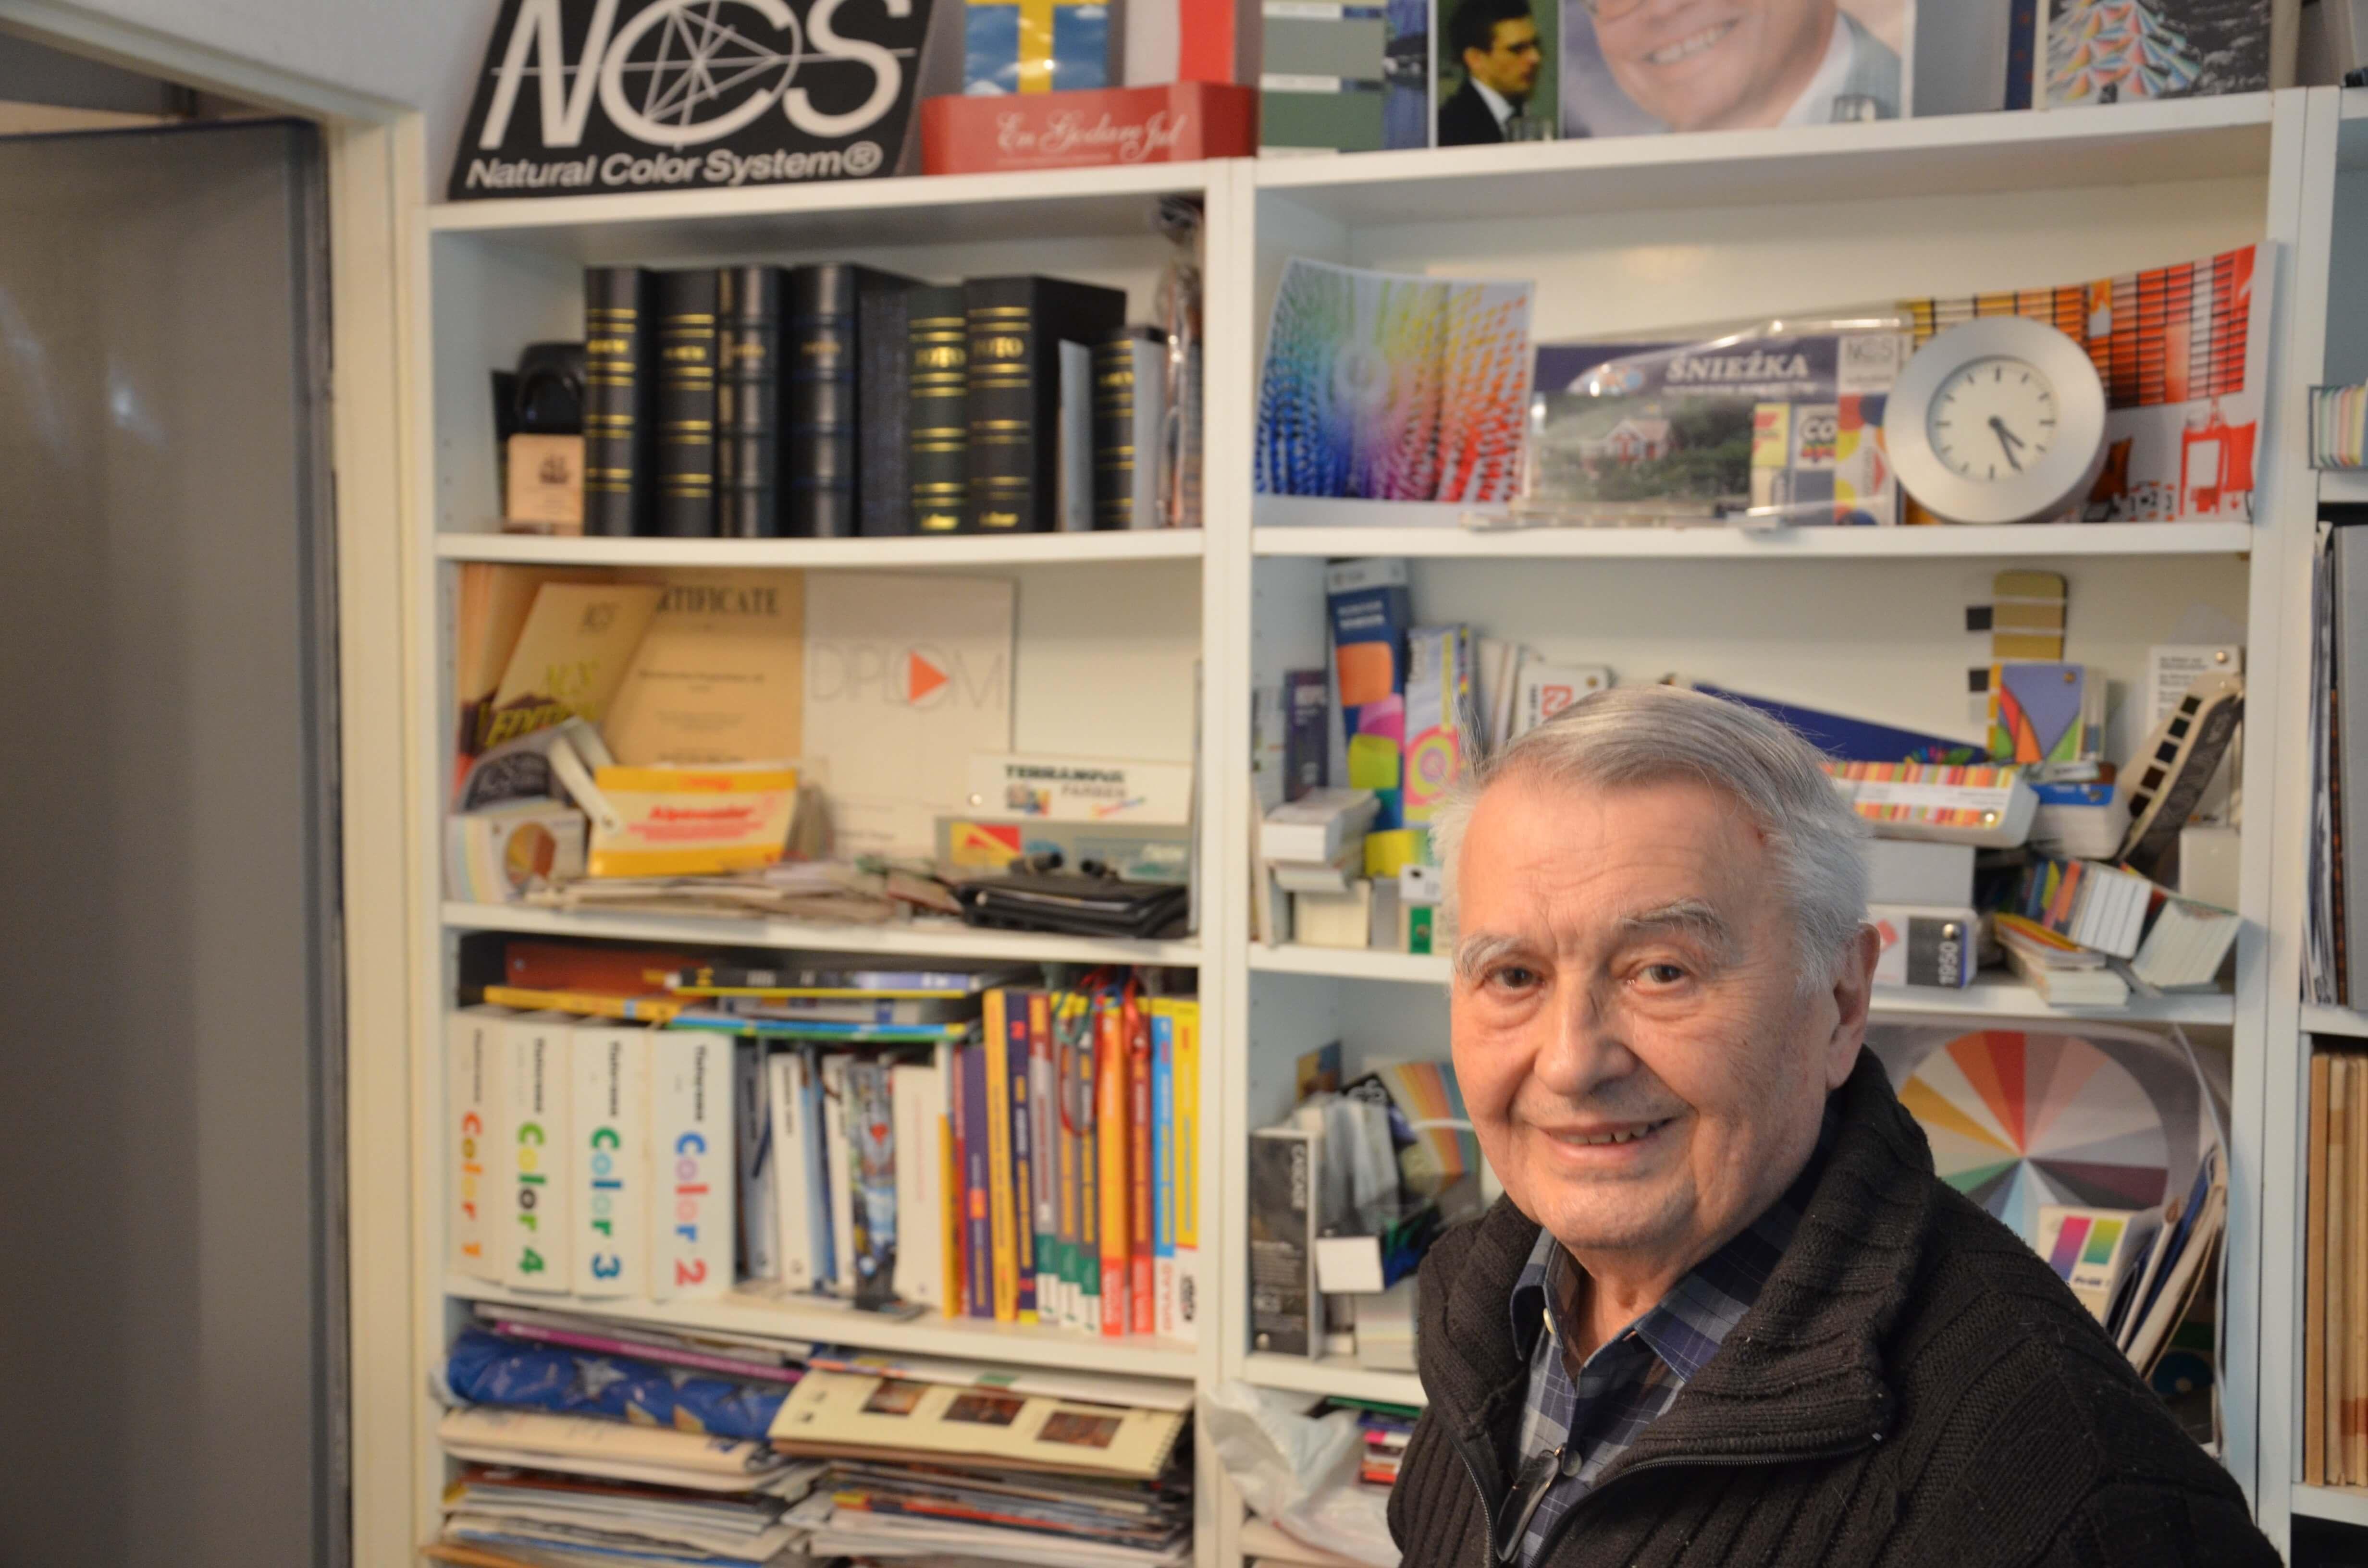 Ryszard Bojar